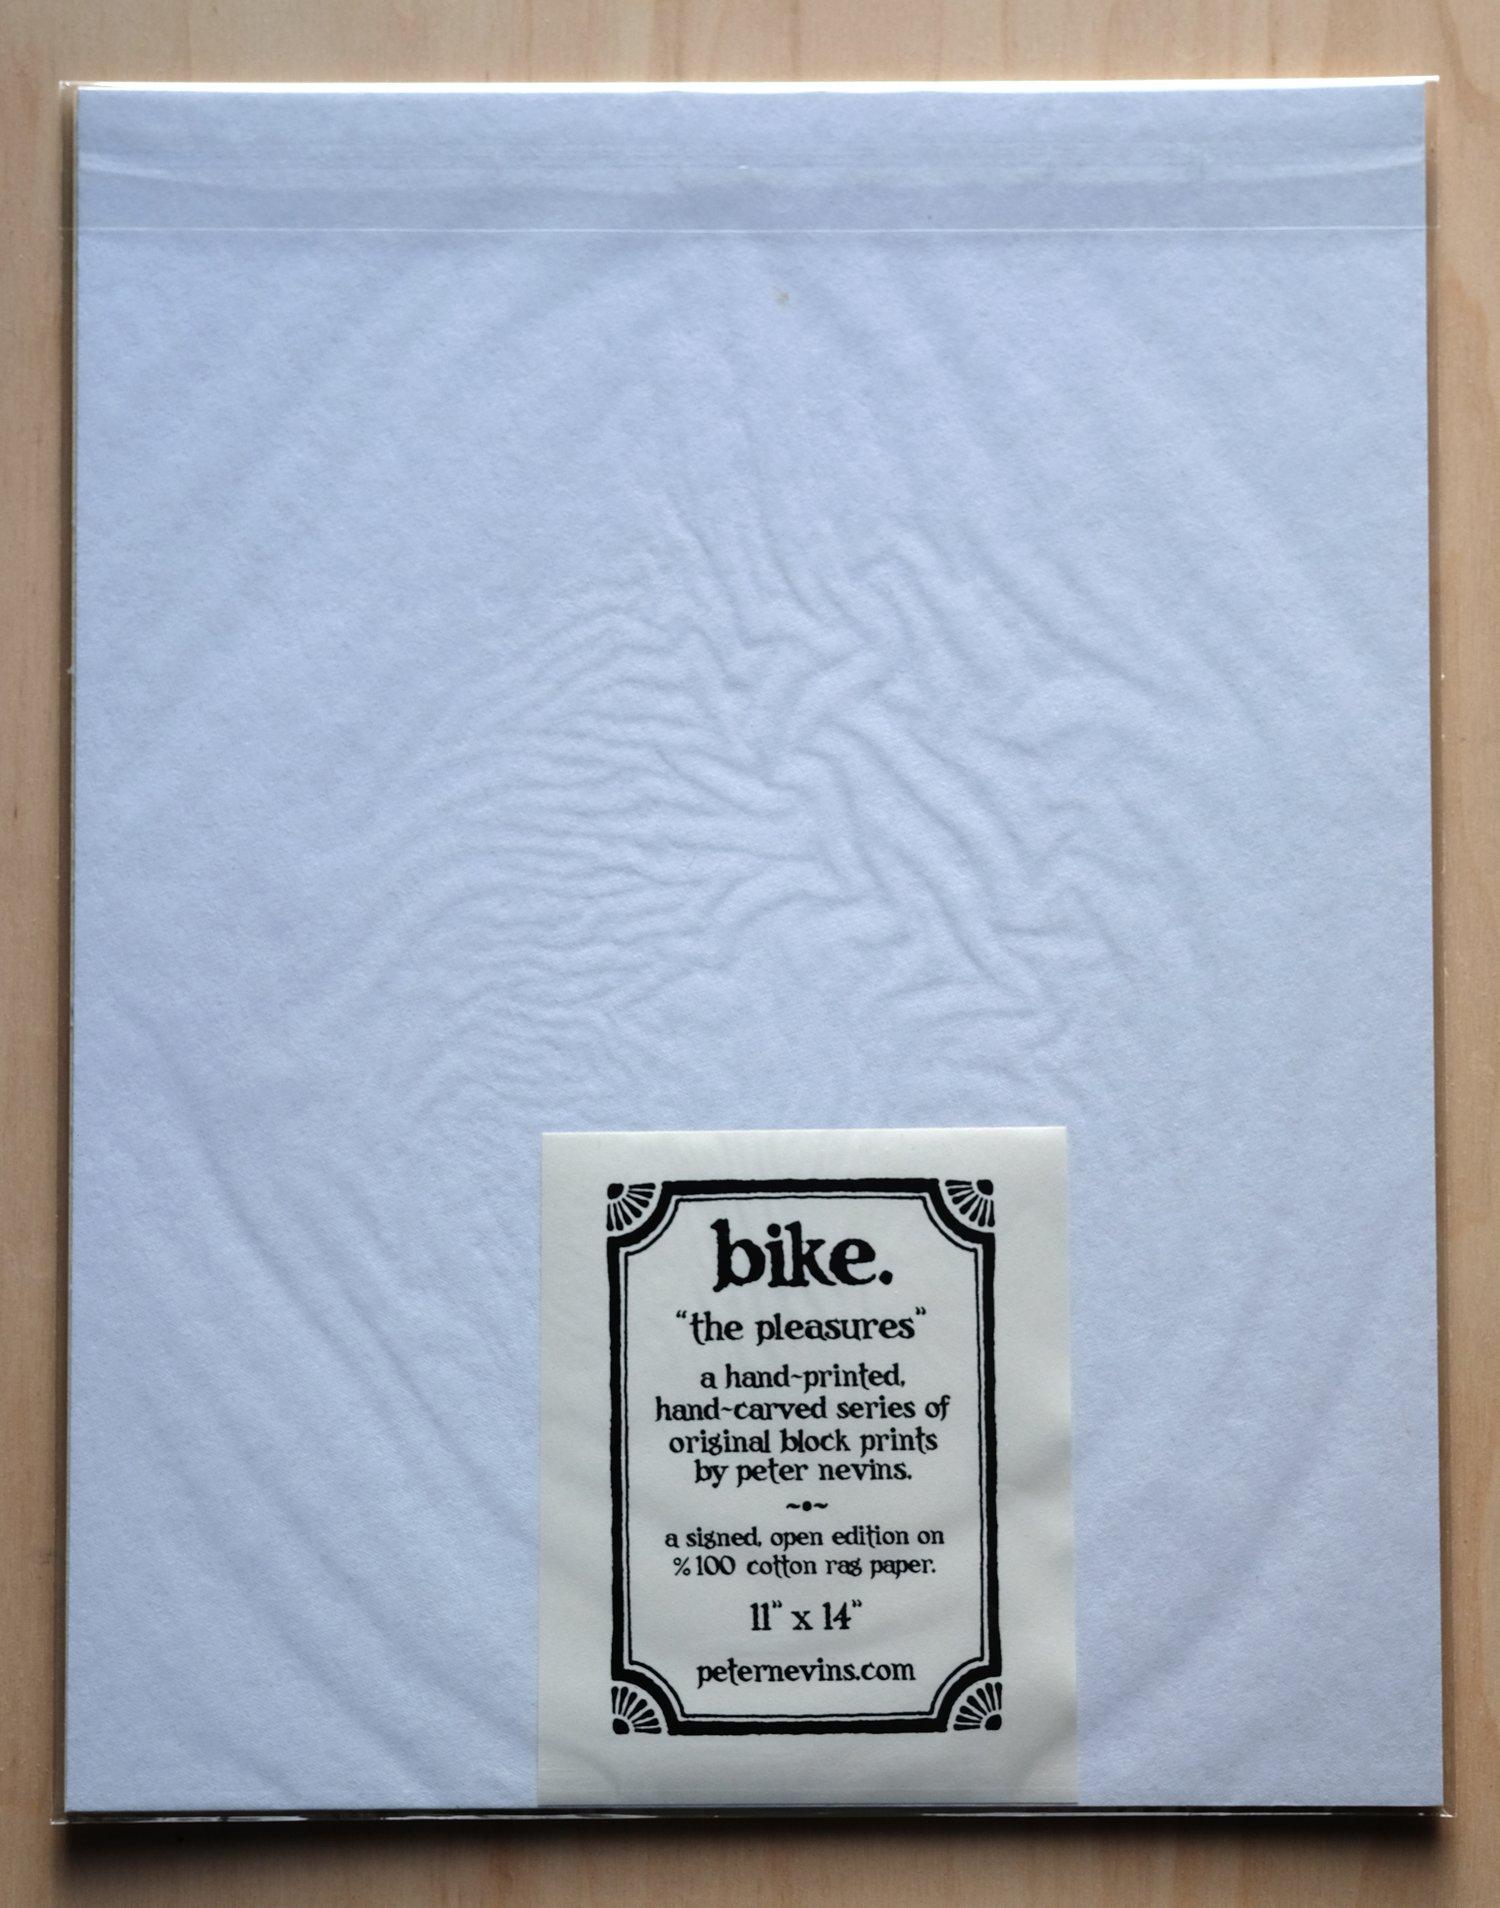 """Image of bike. 11""""x14"""" HAND-PRINTED ORIGINAL BLOCK PRINT"""